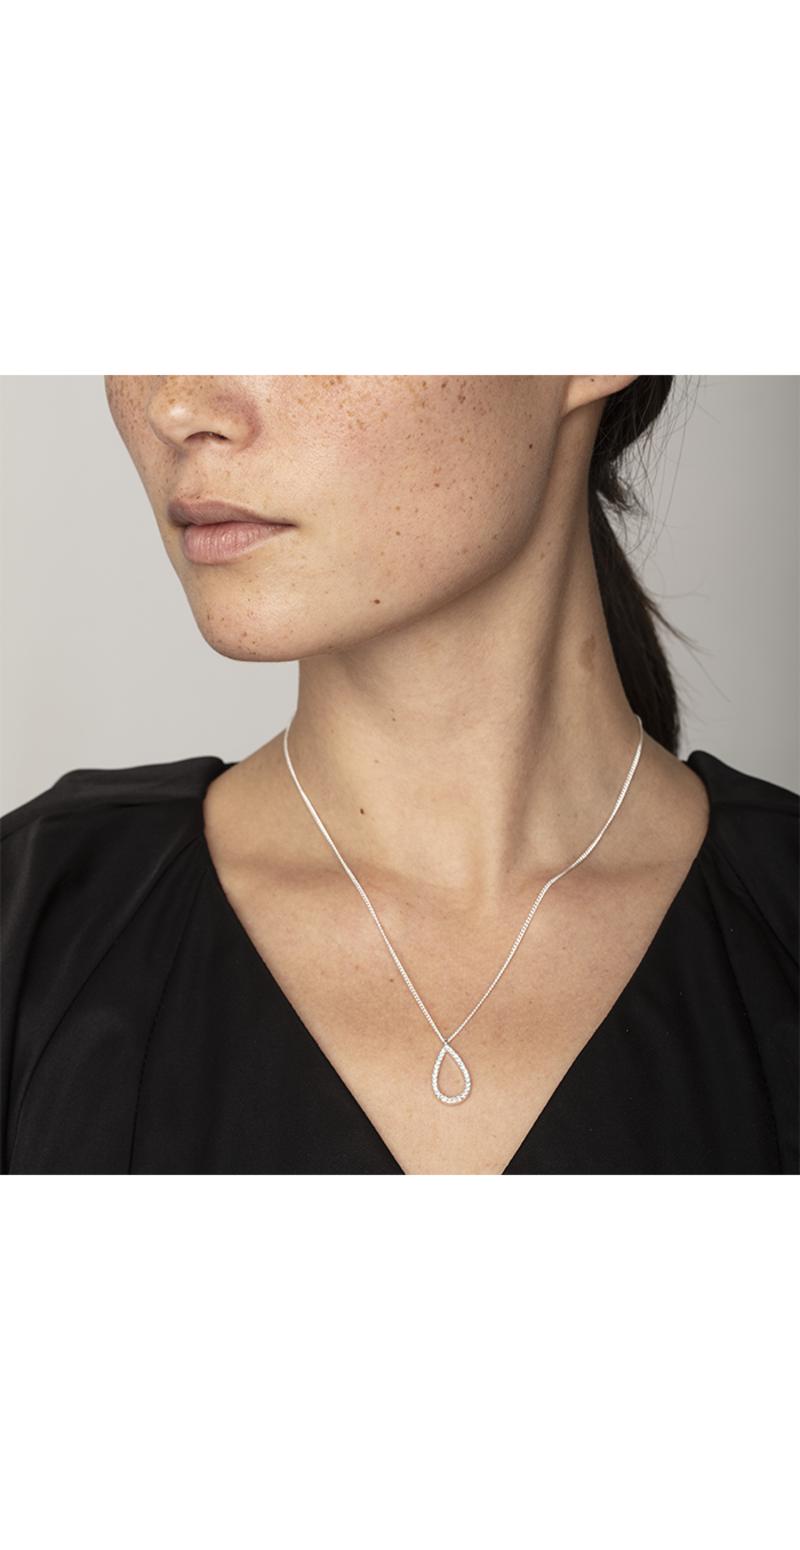 Delia neck silver model